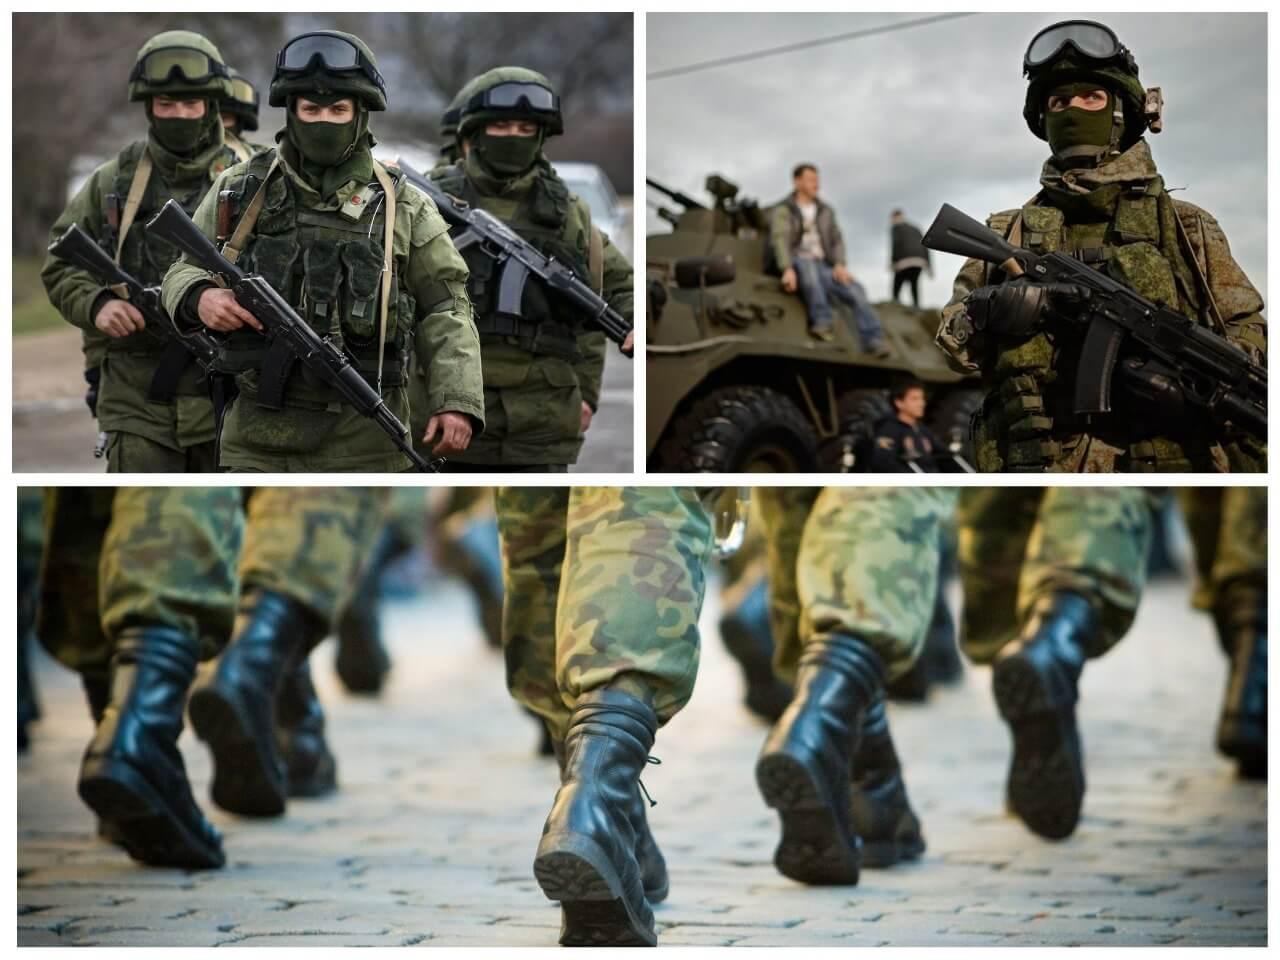 На фото изображены солдаты (часть 2).